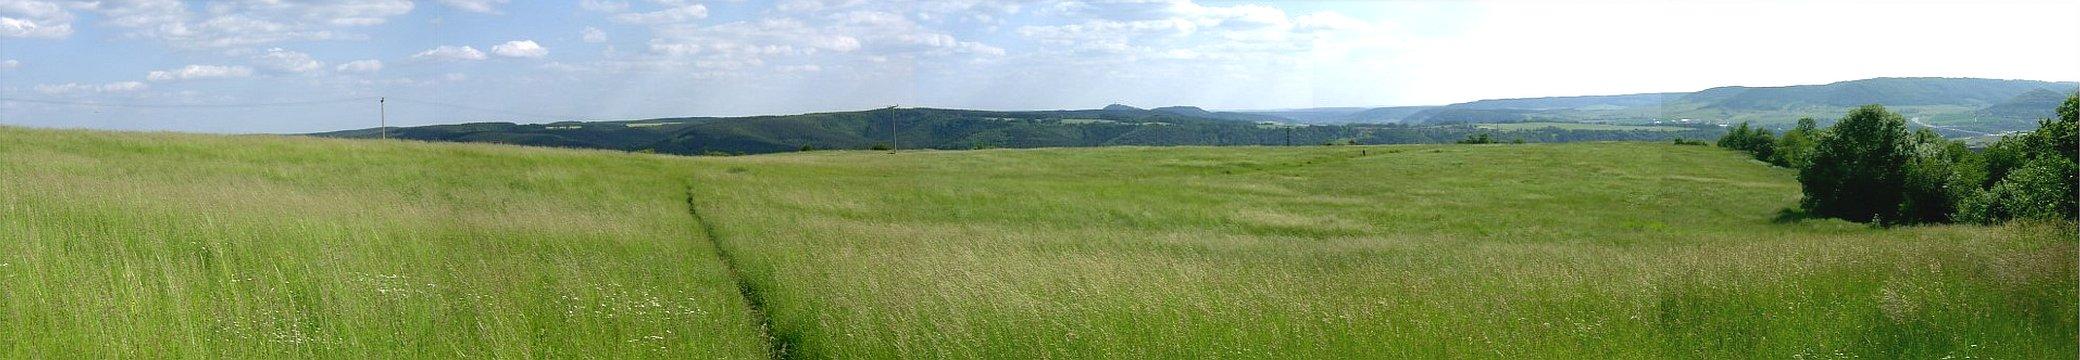 JEZT - Wiese bei Drackendorf im Jahre 2004 - XXLFoto © MediaPool Jena